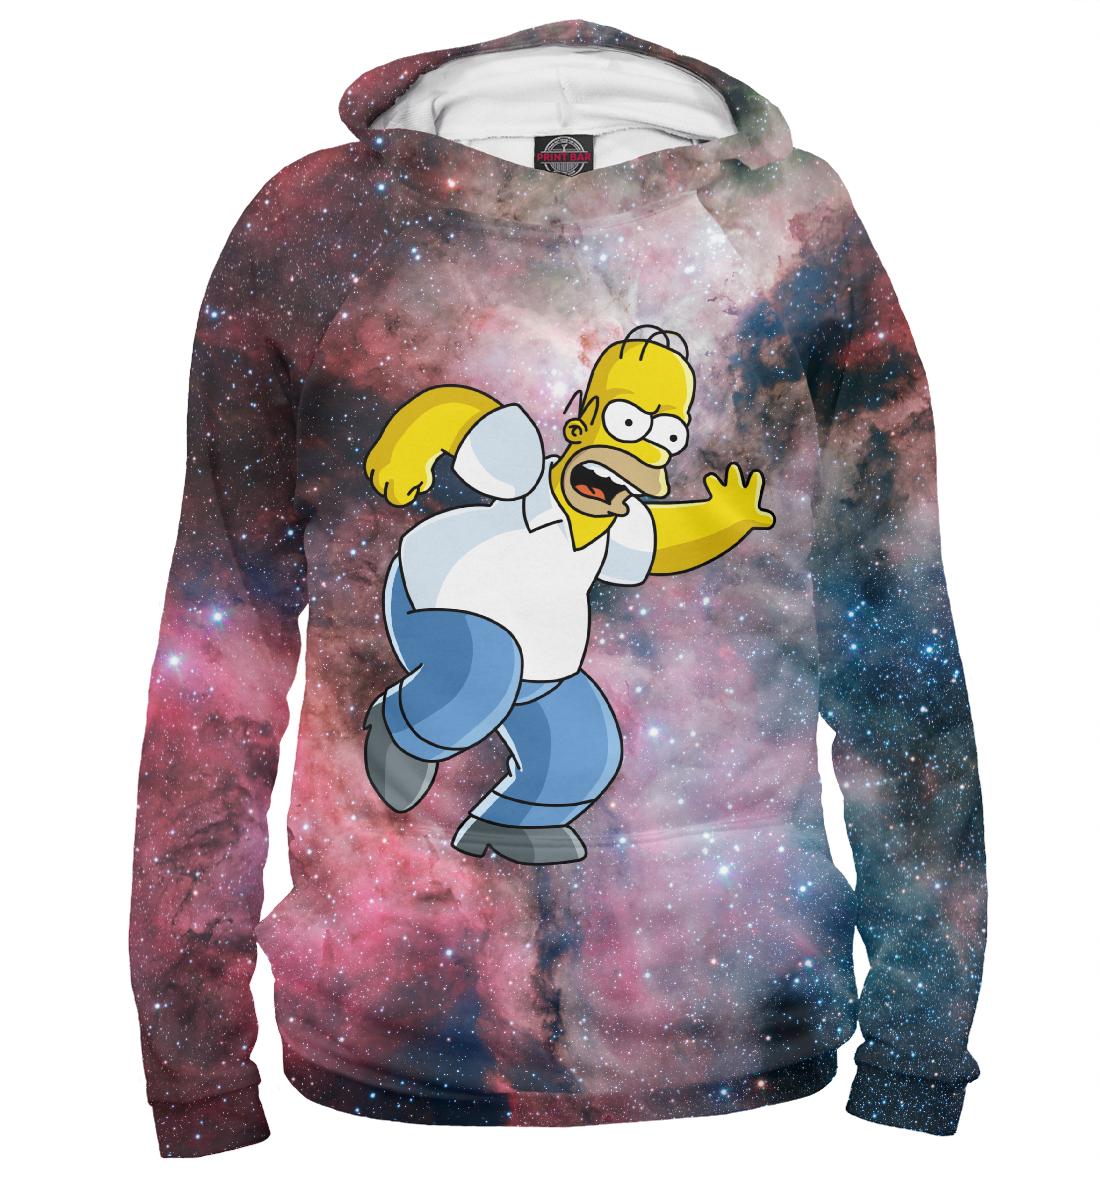 Купить Бегущий Гомер в космосе, Printbar, Худи, SIM-357932-hud-2